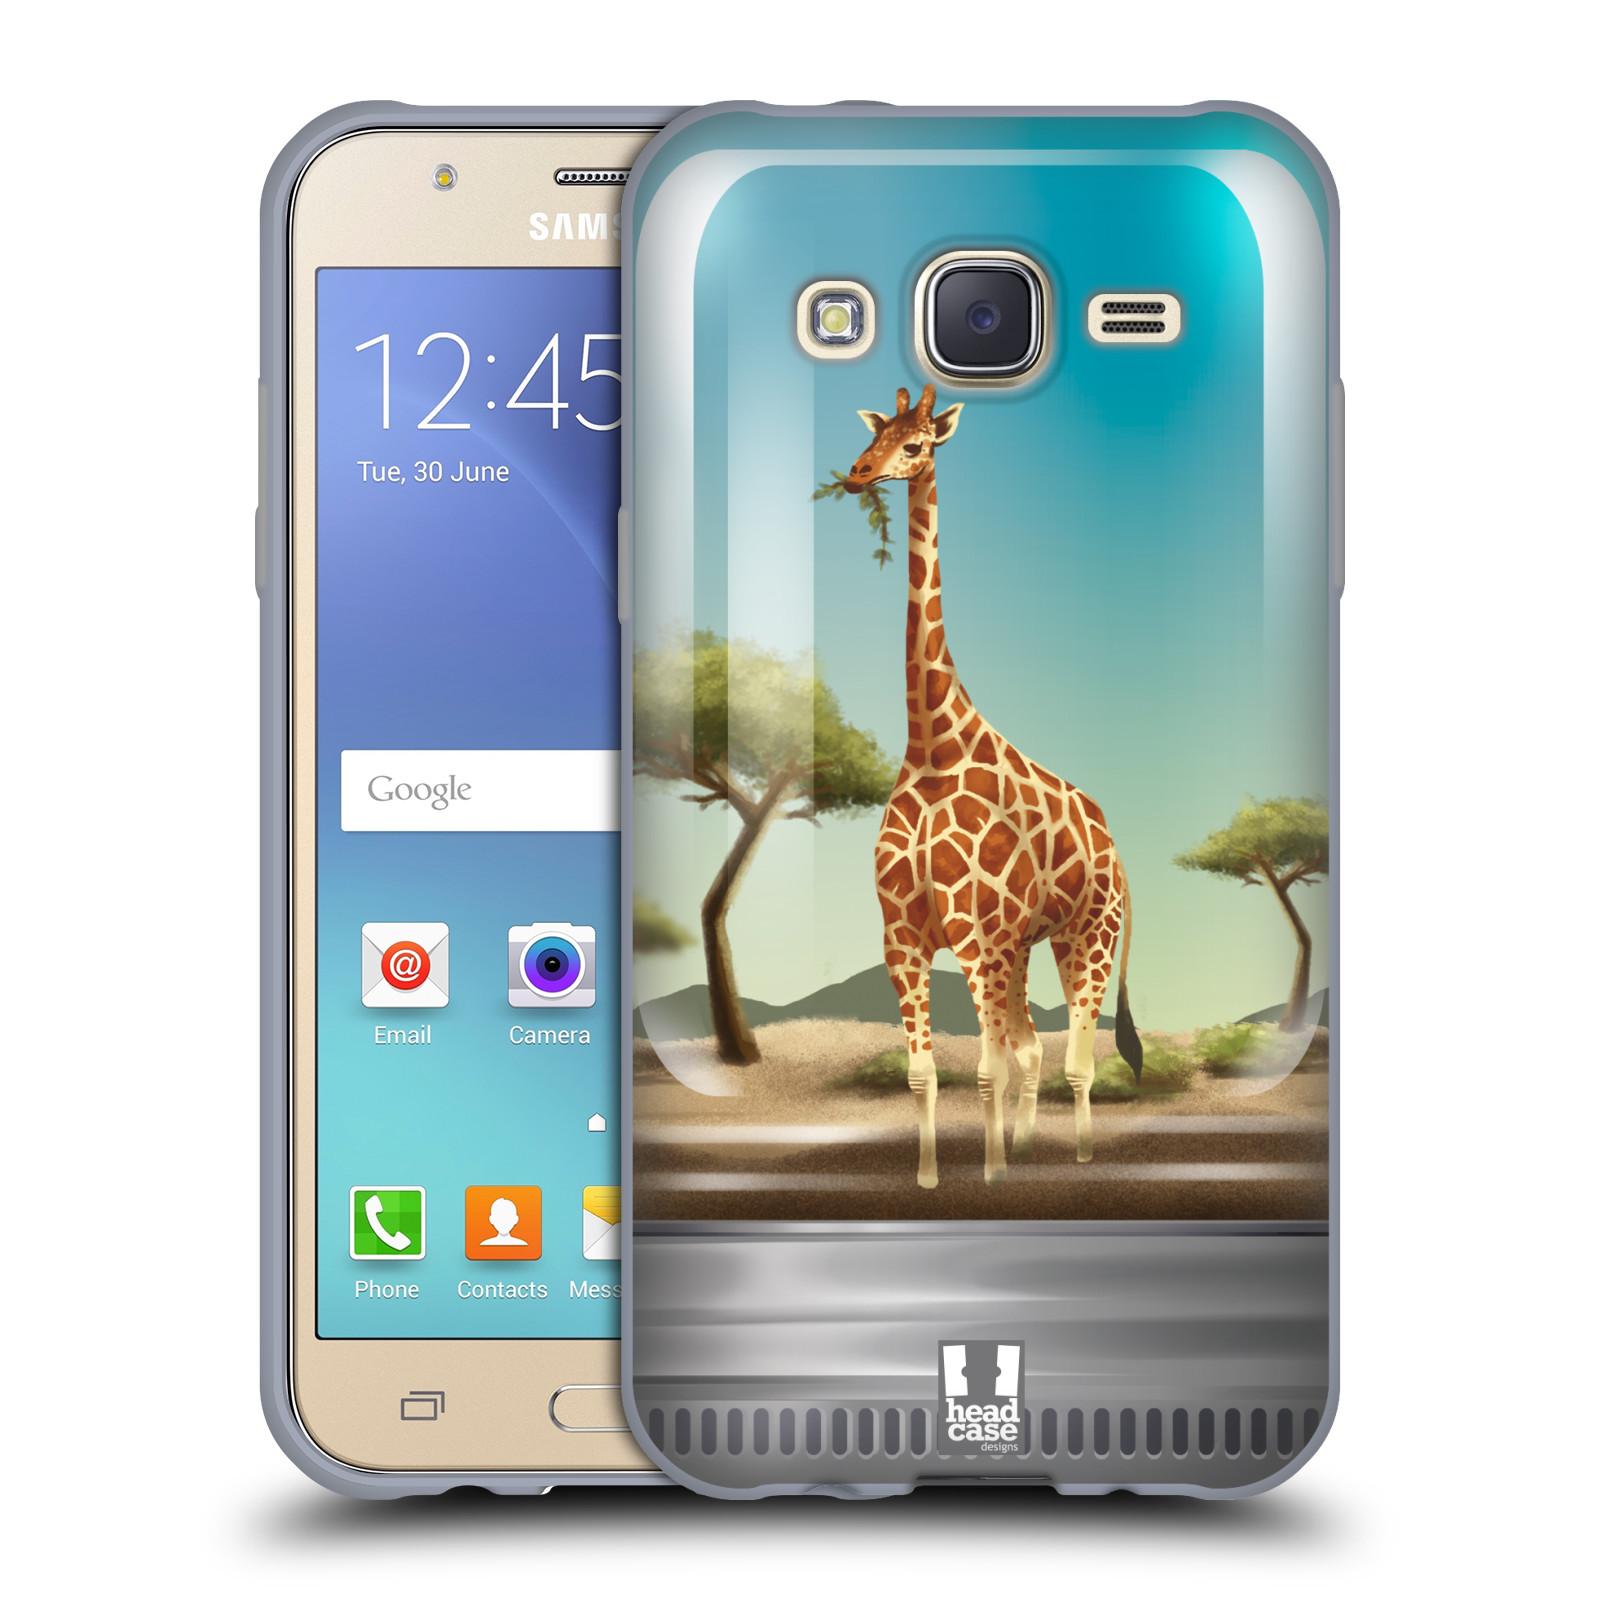 HEAD CASE silikonový obal na mobil Samsung Galaxy J5, J500, (J5 DUOS) vzor Zvířátka v těžítku žirafa